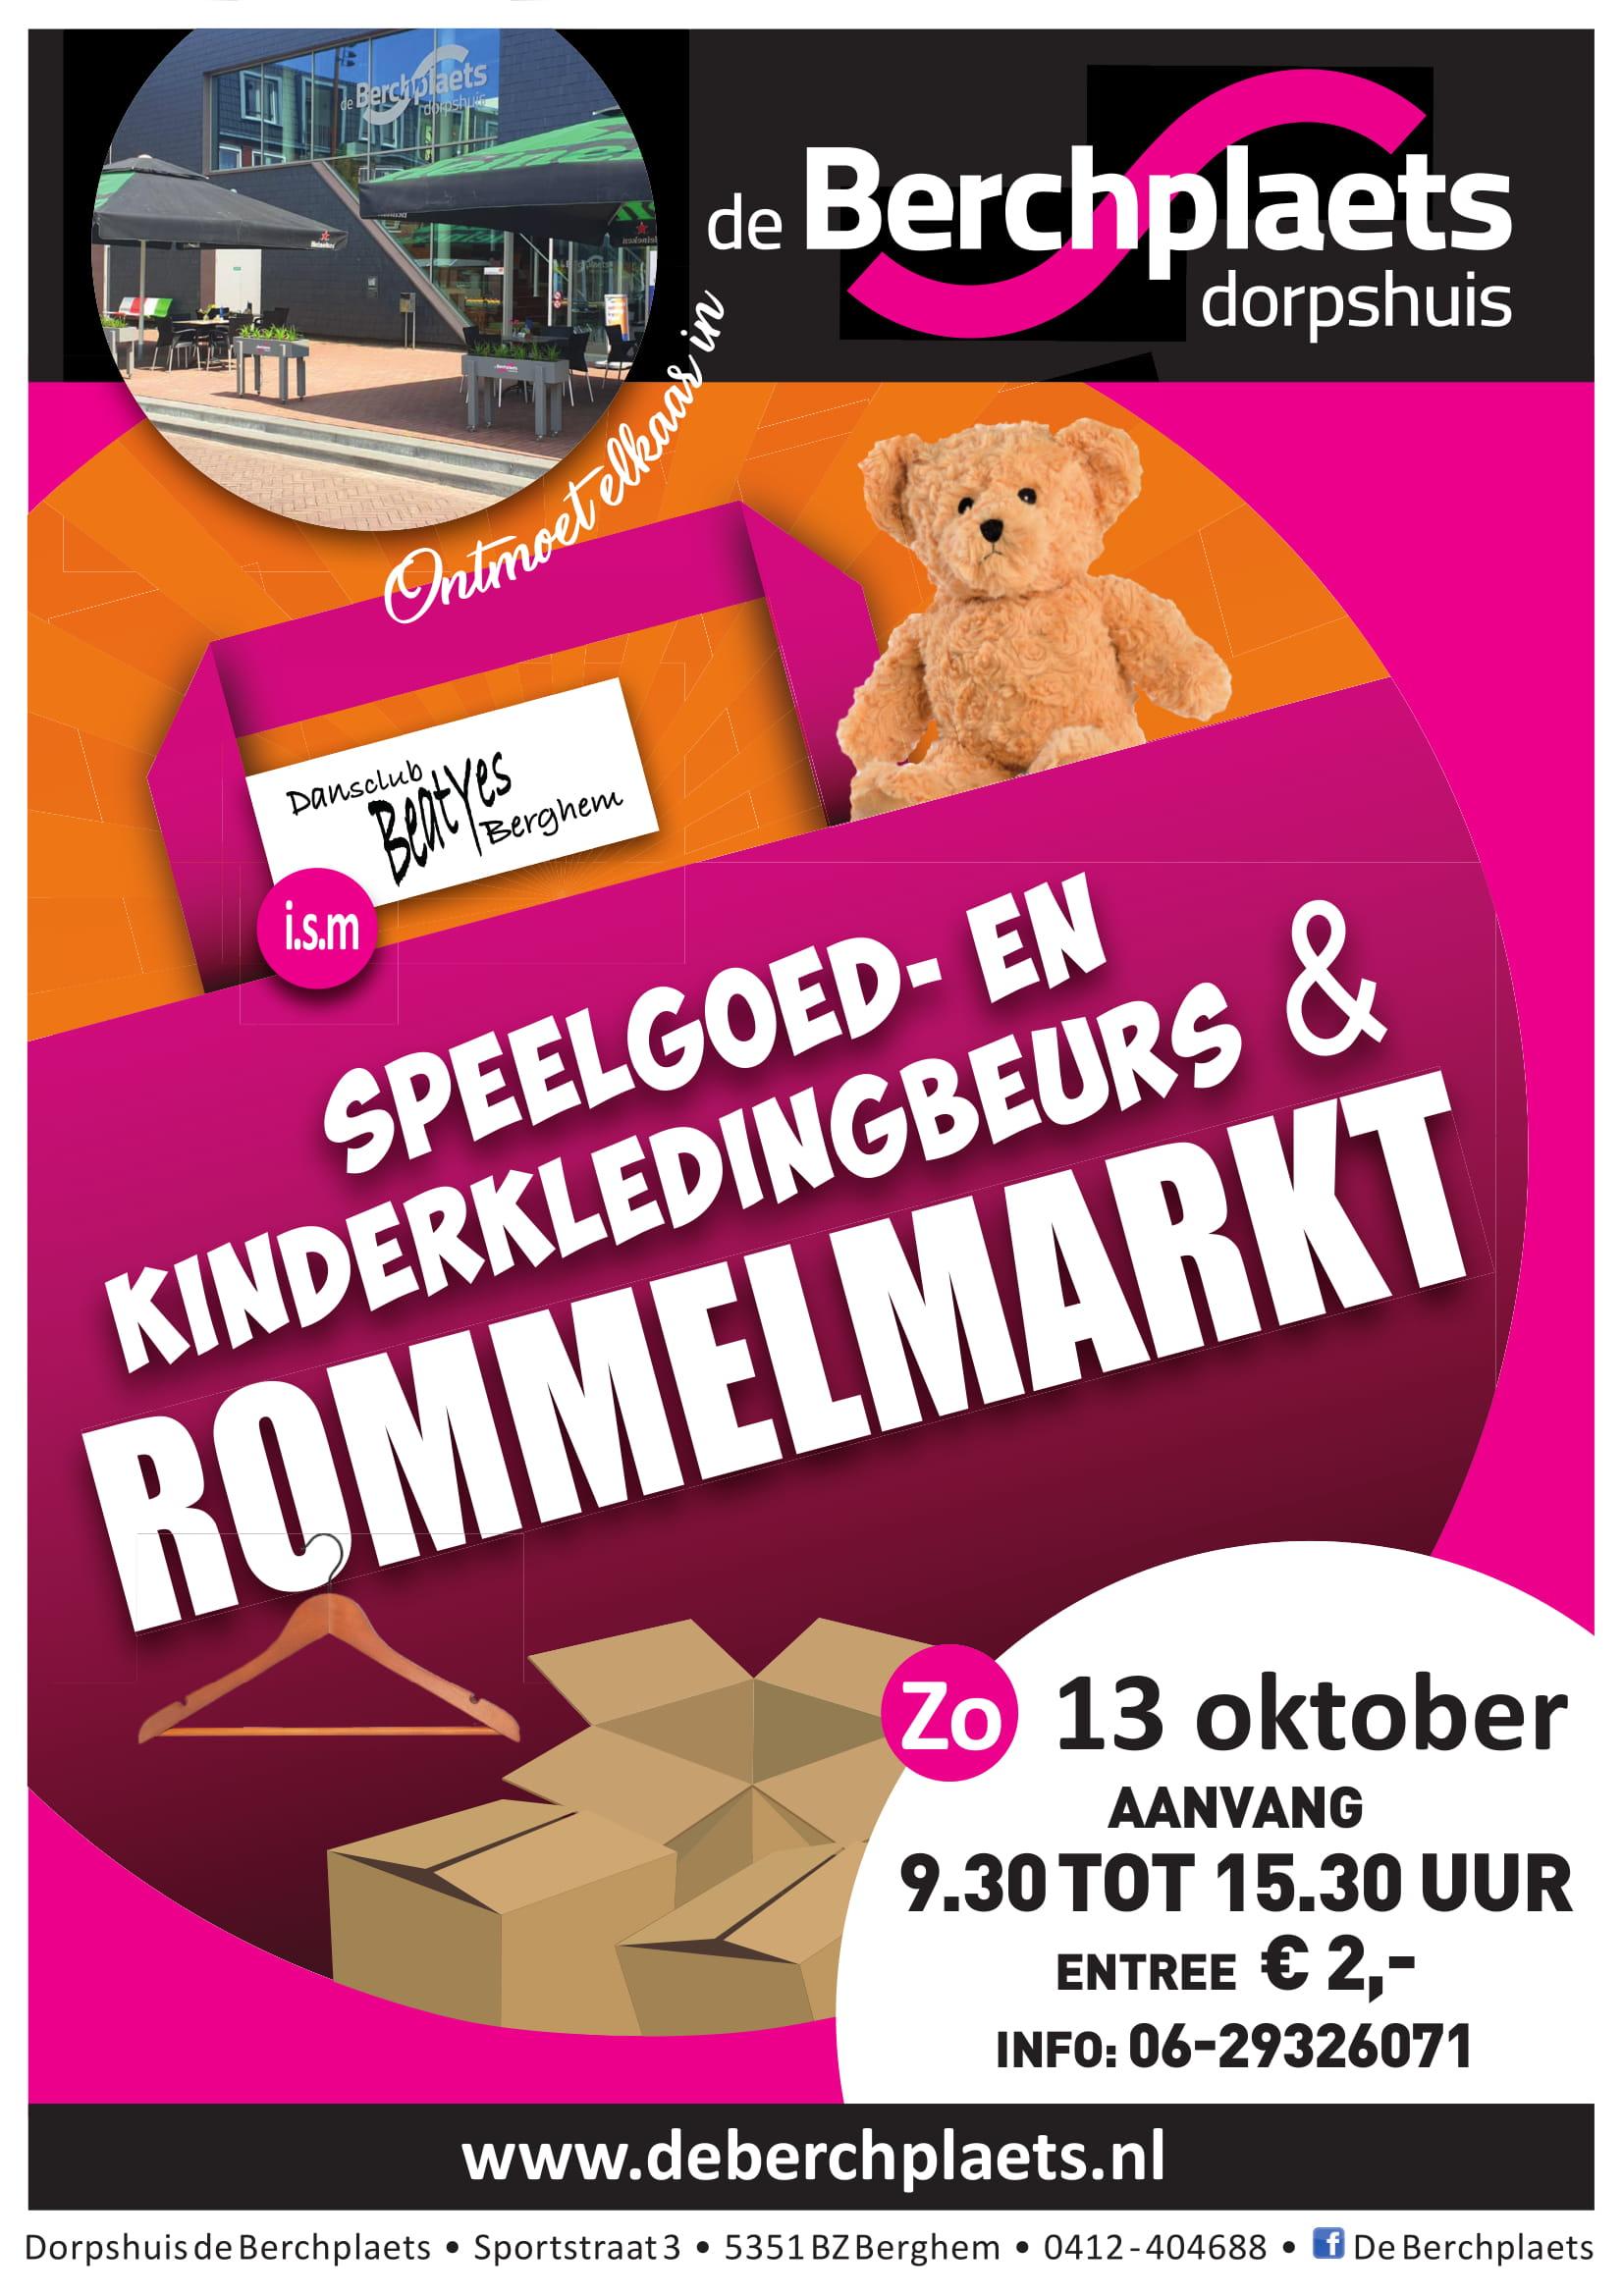 Mooiberghem Nl Speelgoed Kinderkledingbeurs Rommelmarkt De Berchplaets